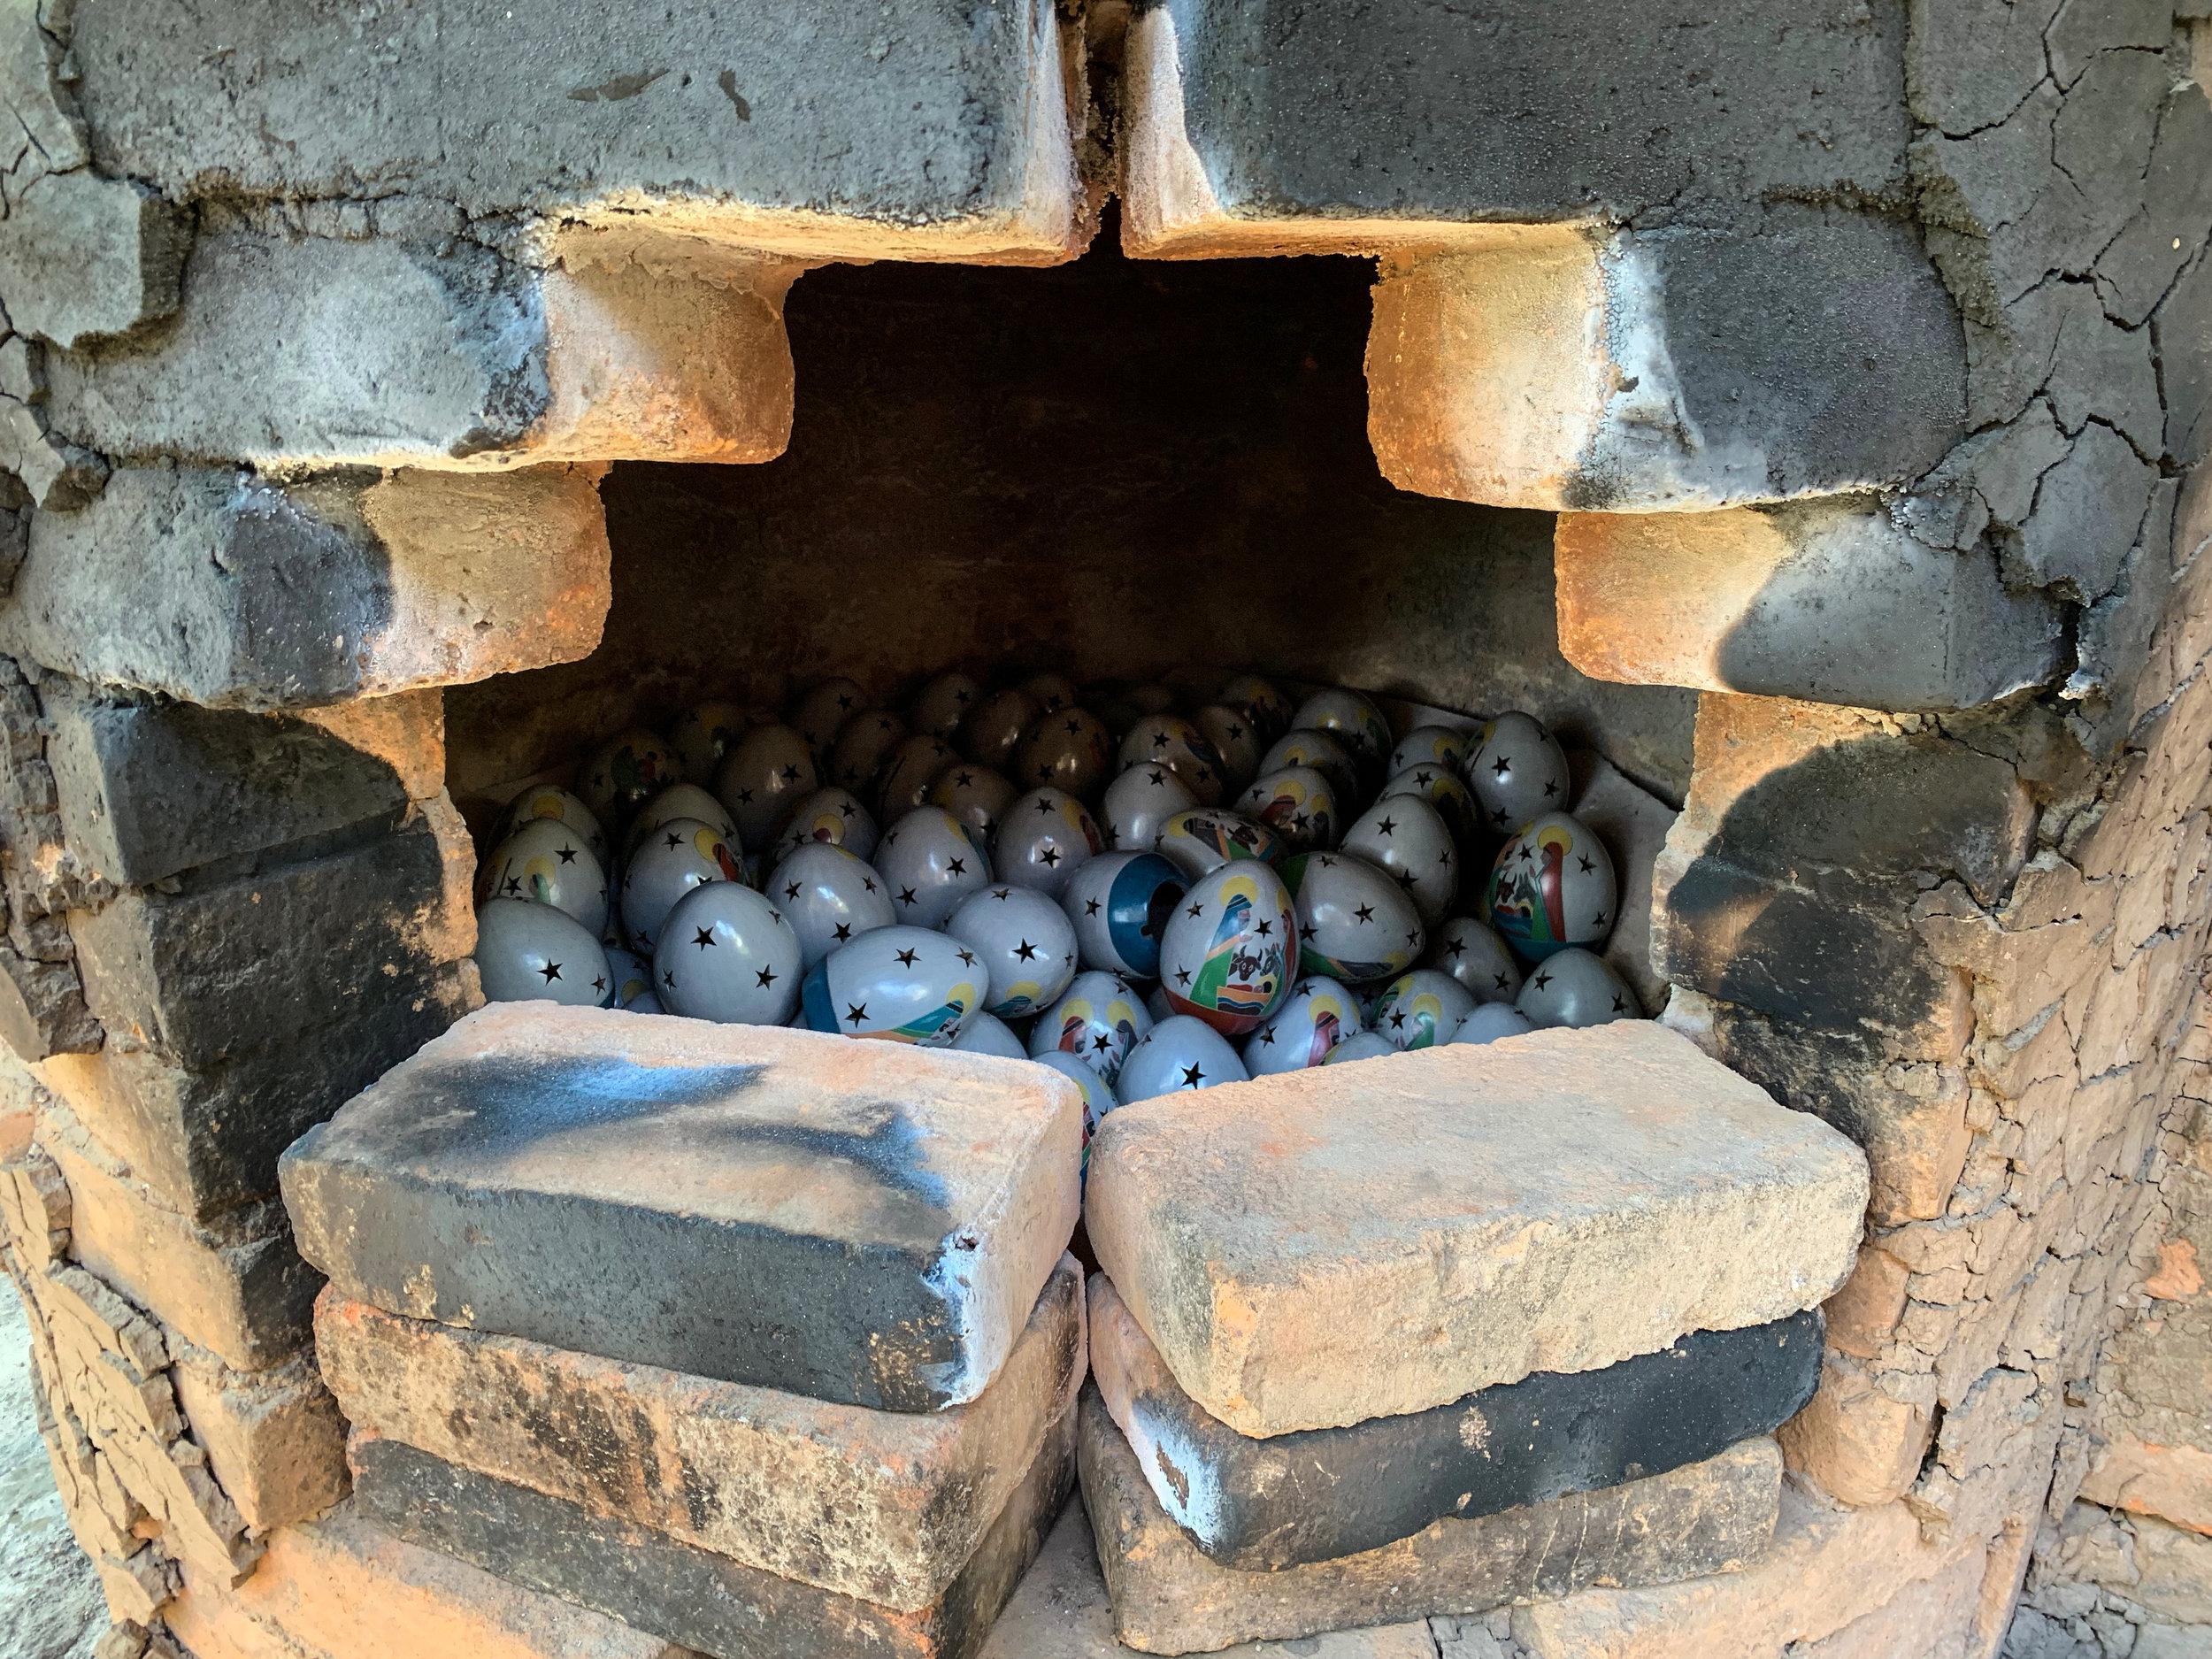 Preparing the Kiln to fire in San Juan de Oriente